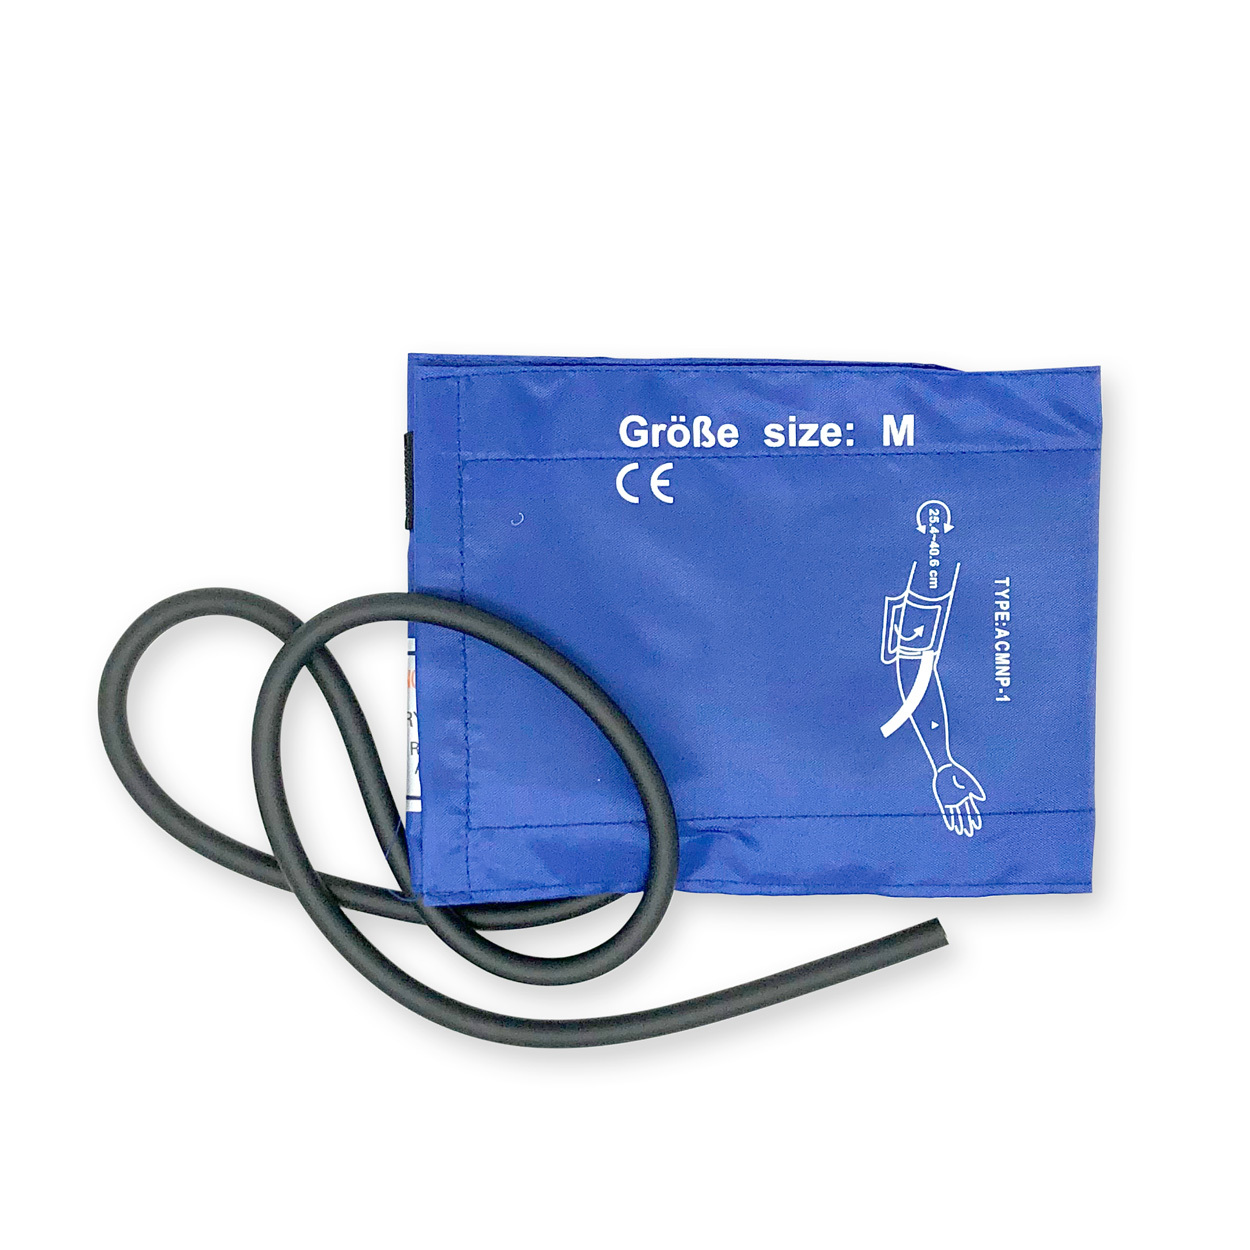 Blutdruckmanschette 25,4 cm - 40,6 cm für Erwachsene